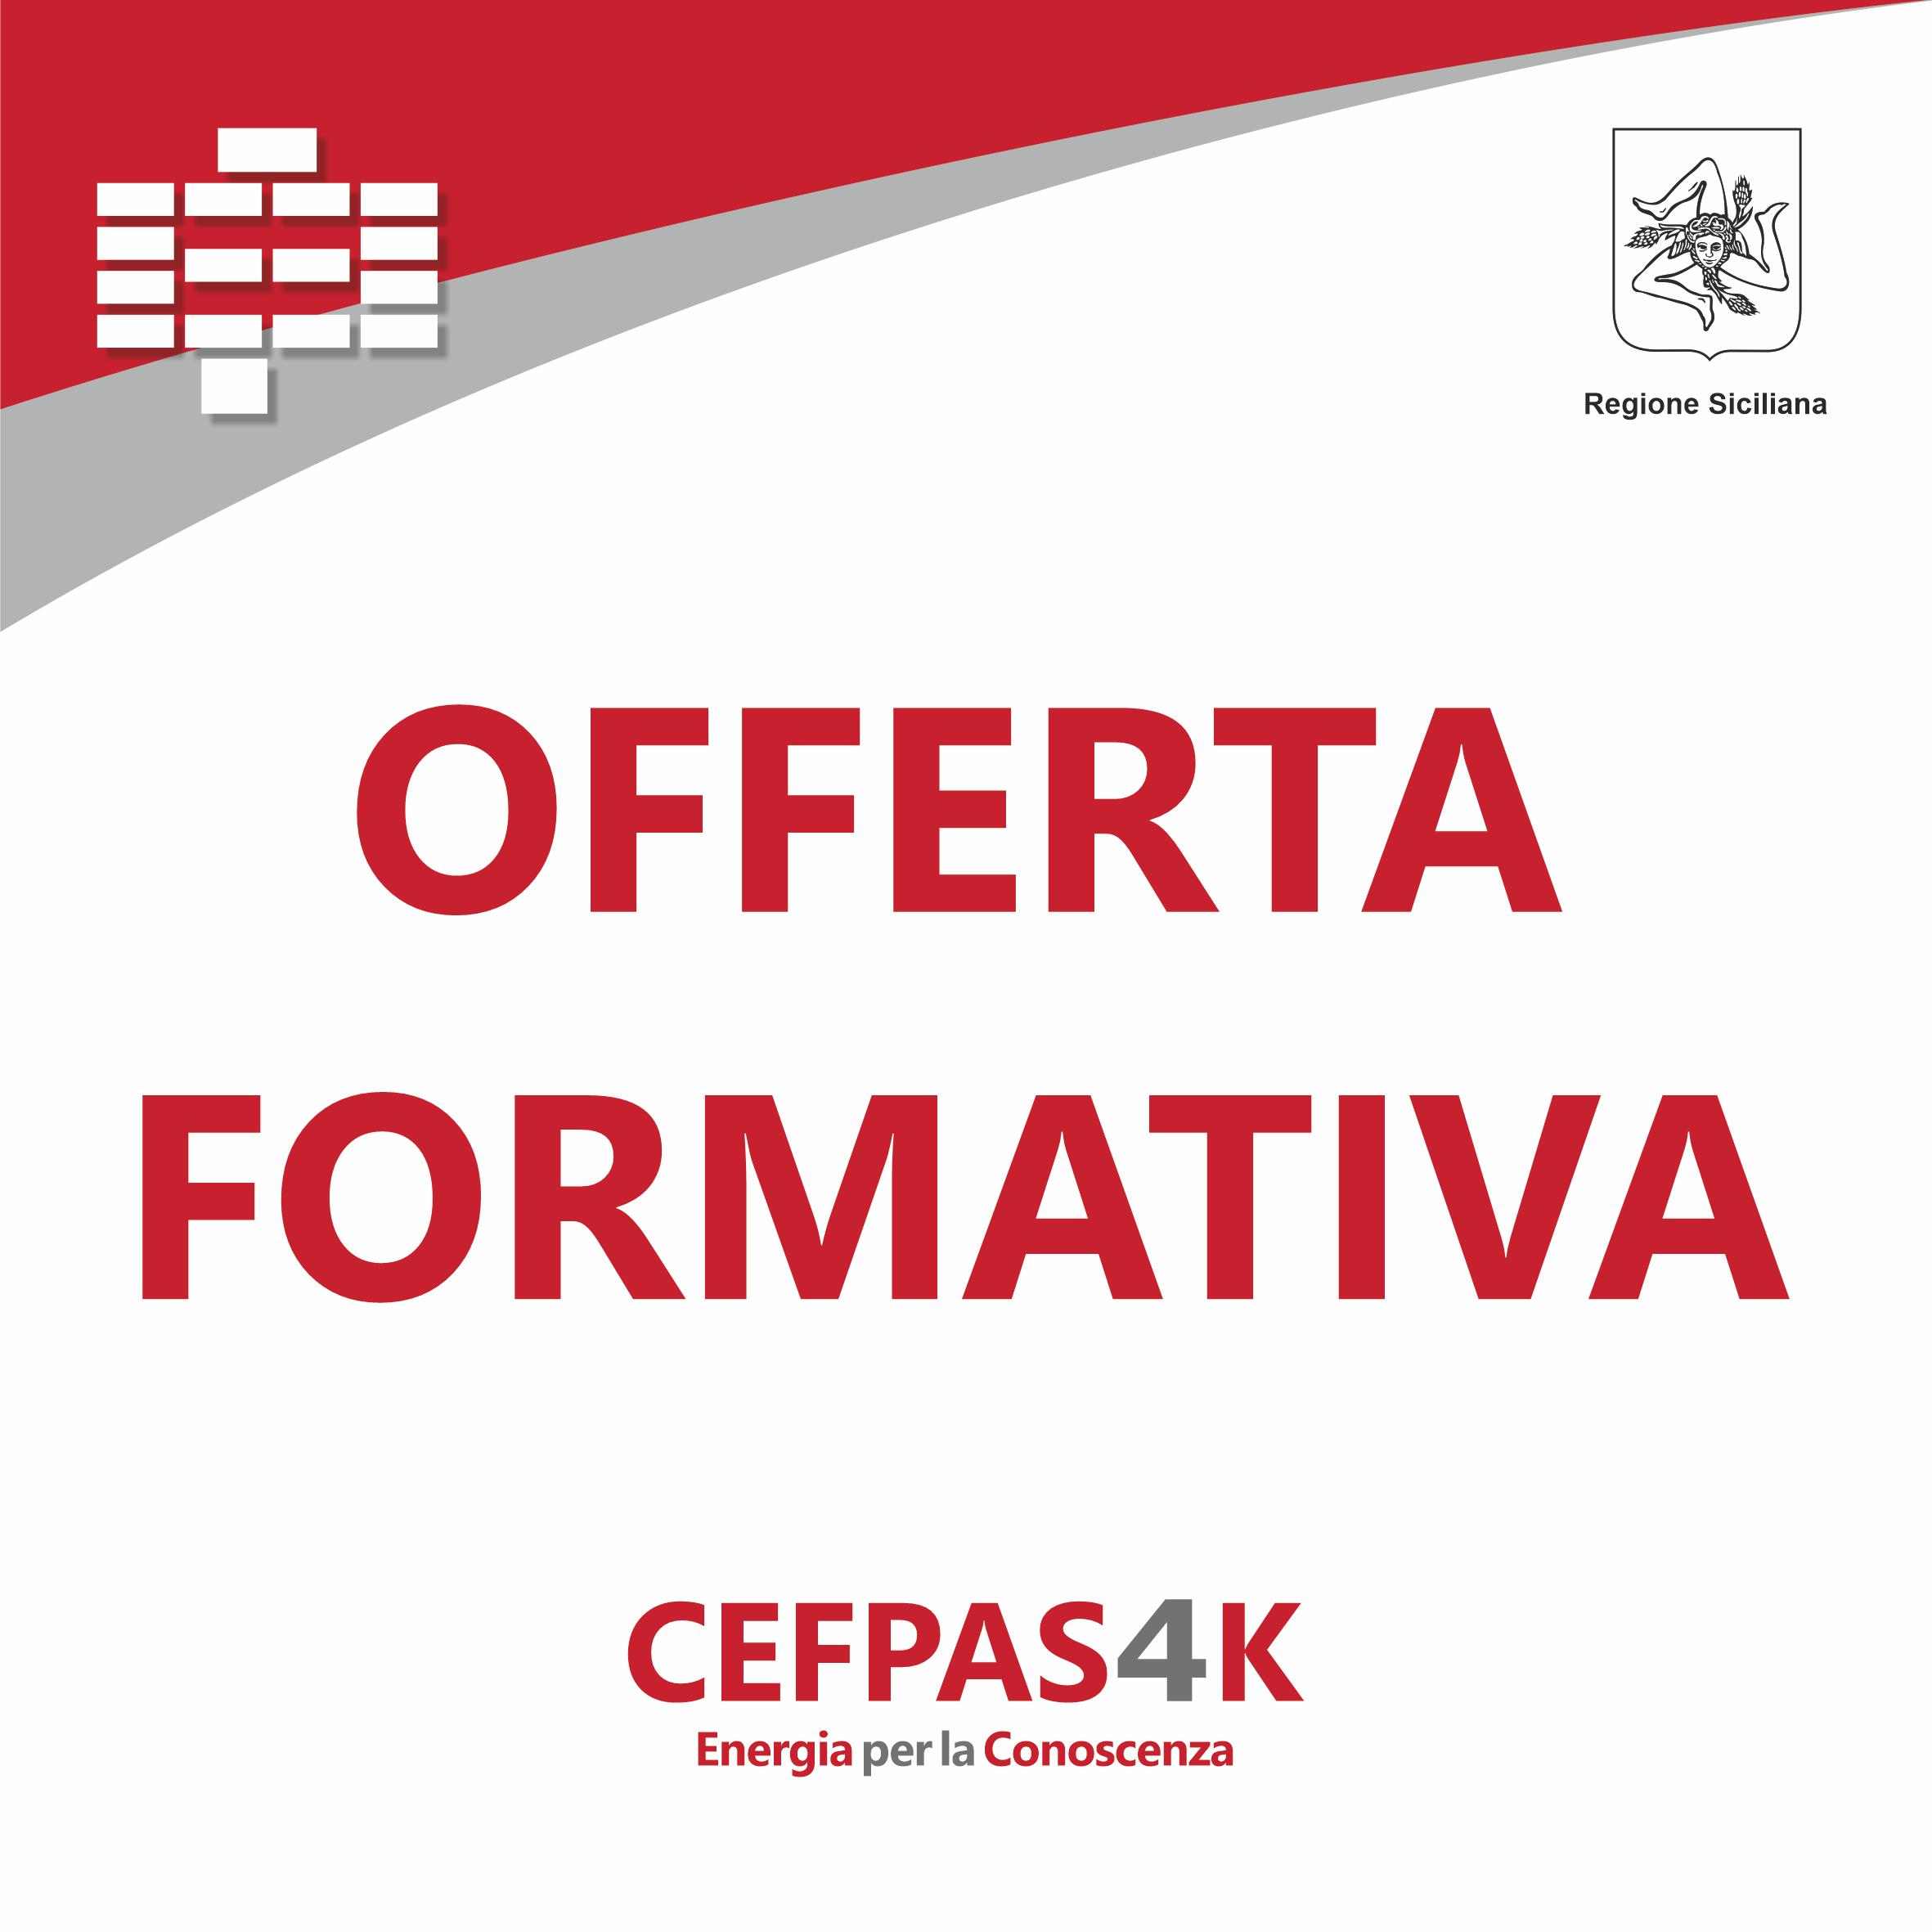 CEFPAS4K_Banner_Offerta_formativa_02